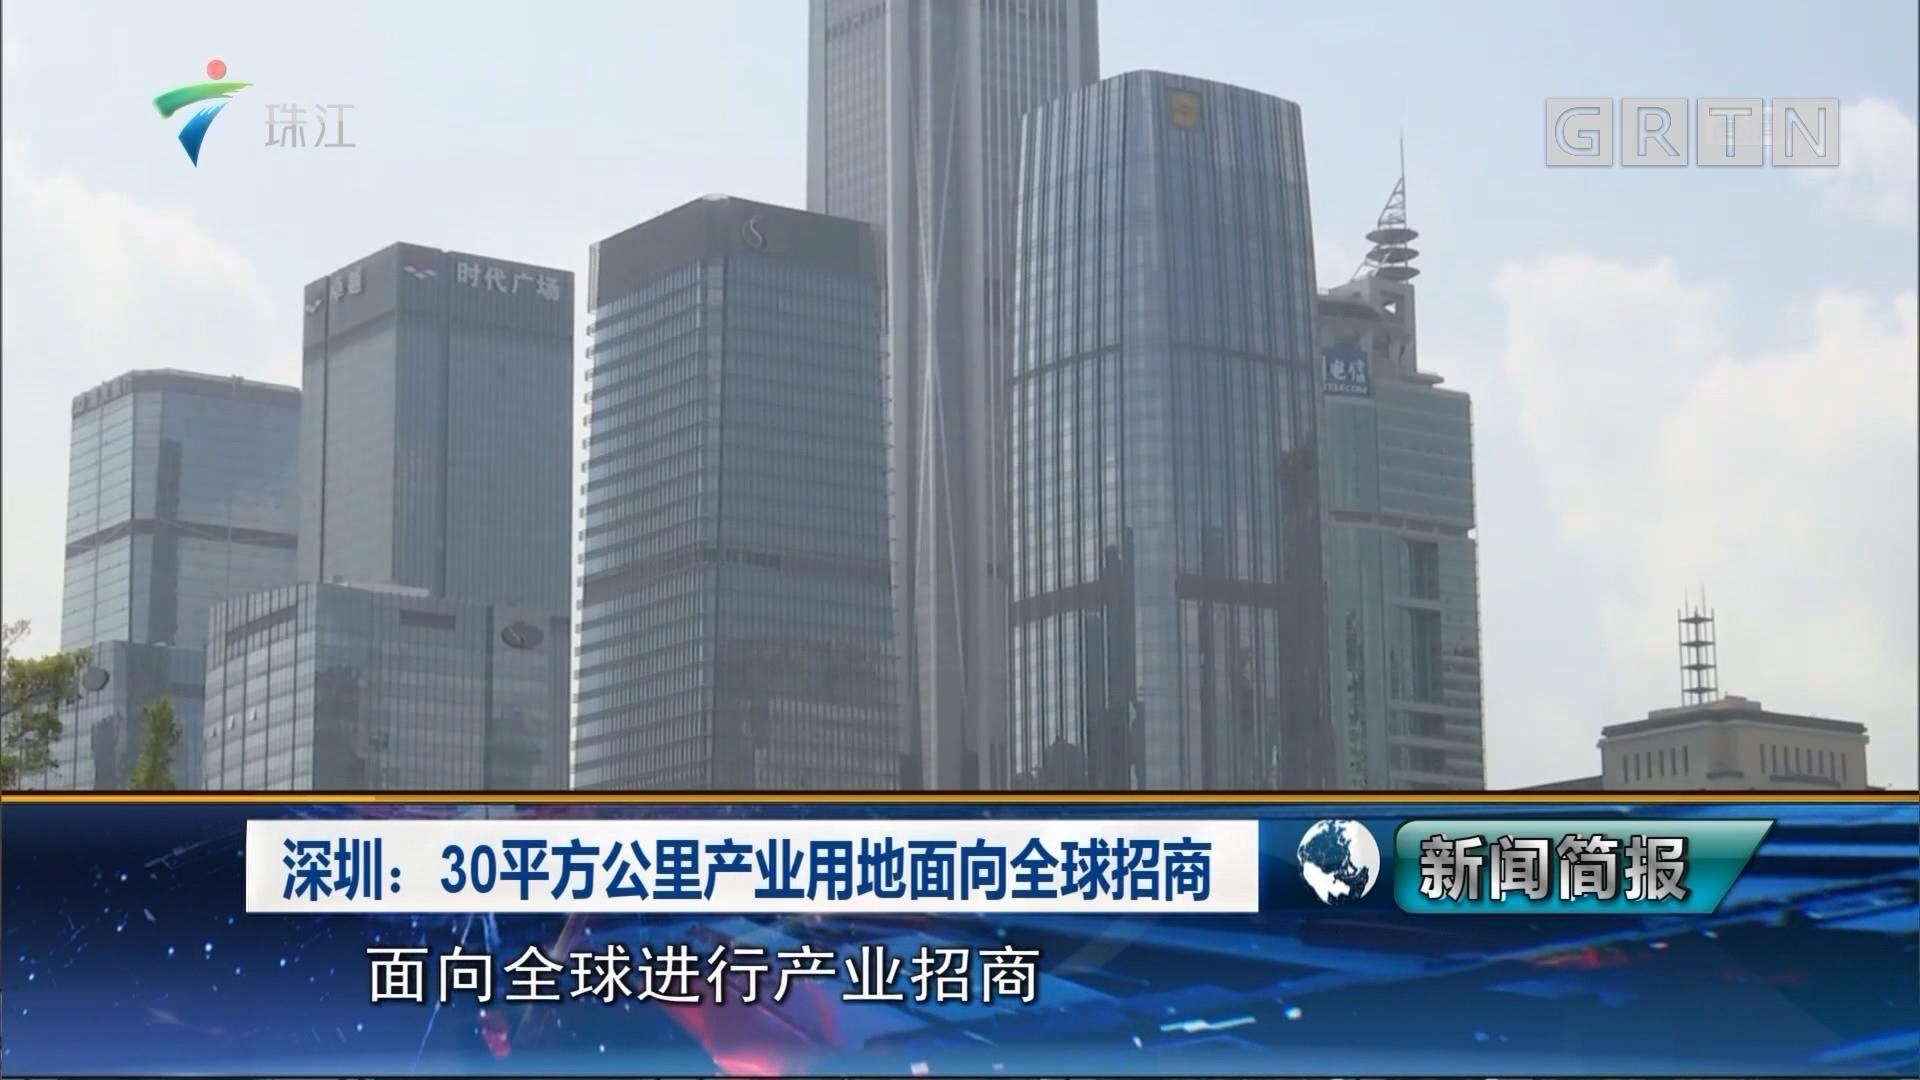 深圳:30平方公里产业用地面向全球招商